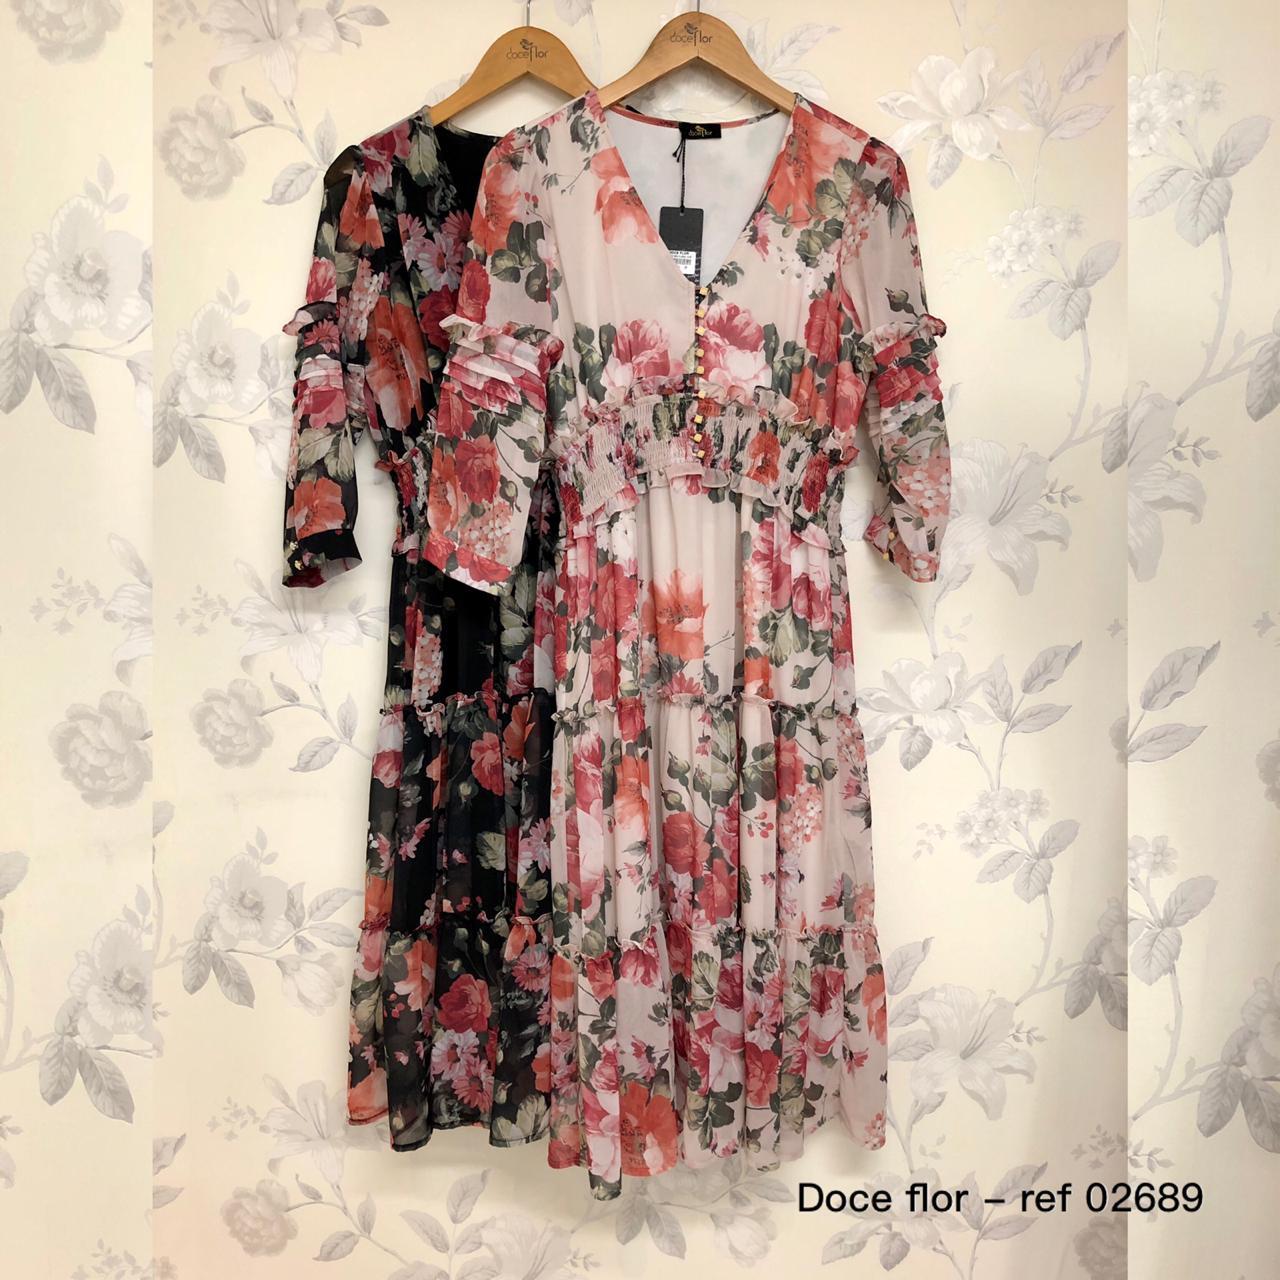 Vestido Midi Floral com Babados em Crepe Doce Flor